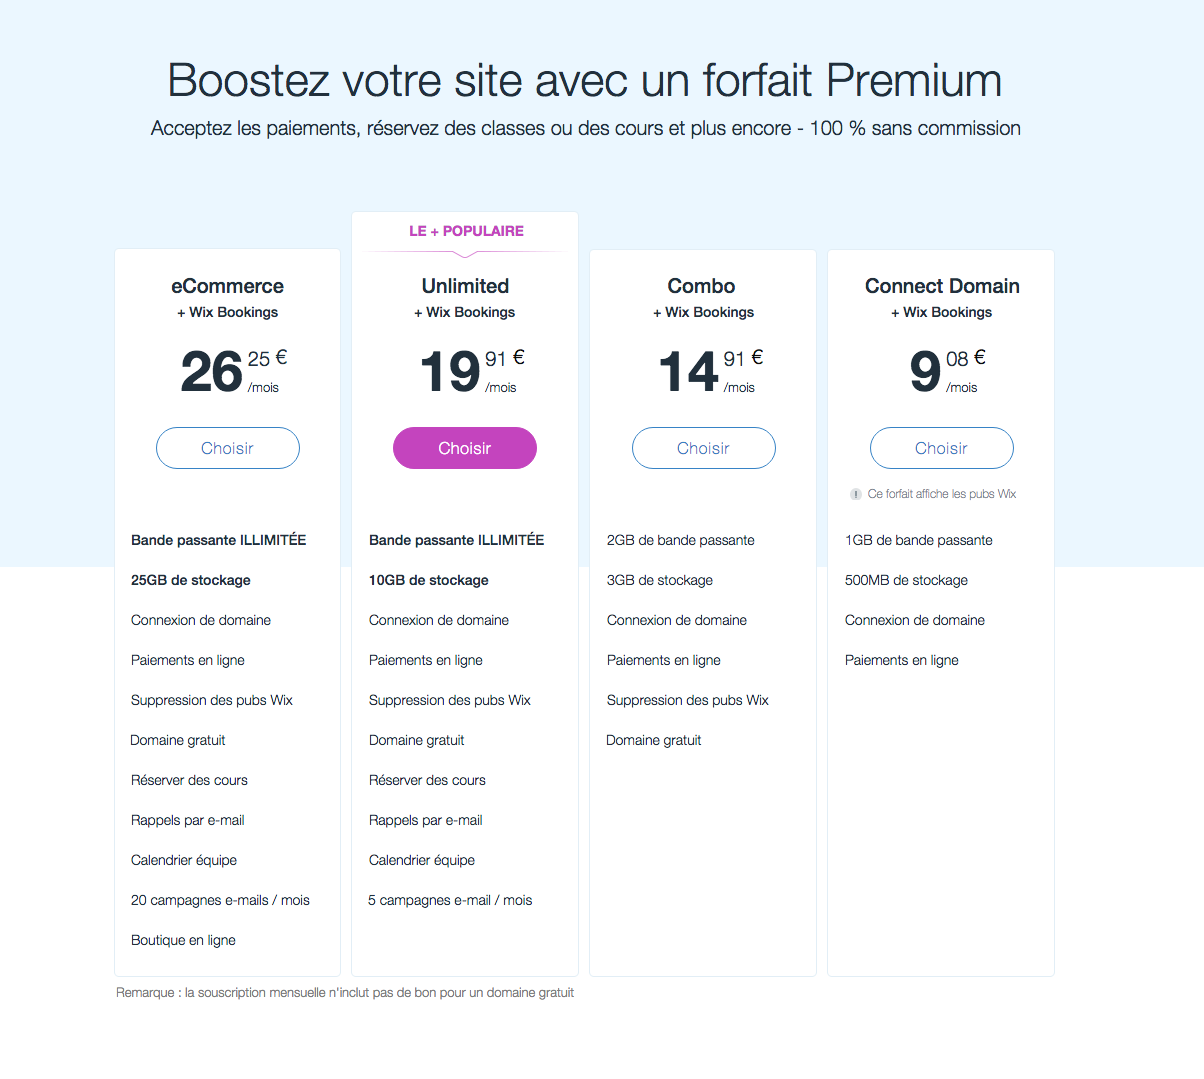 Attention à bien vérifier les pricings, qui varient en fonction des fonctionnalités choisies sur Wix !